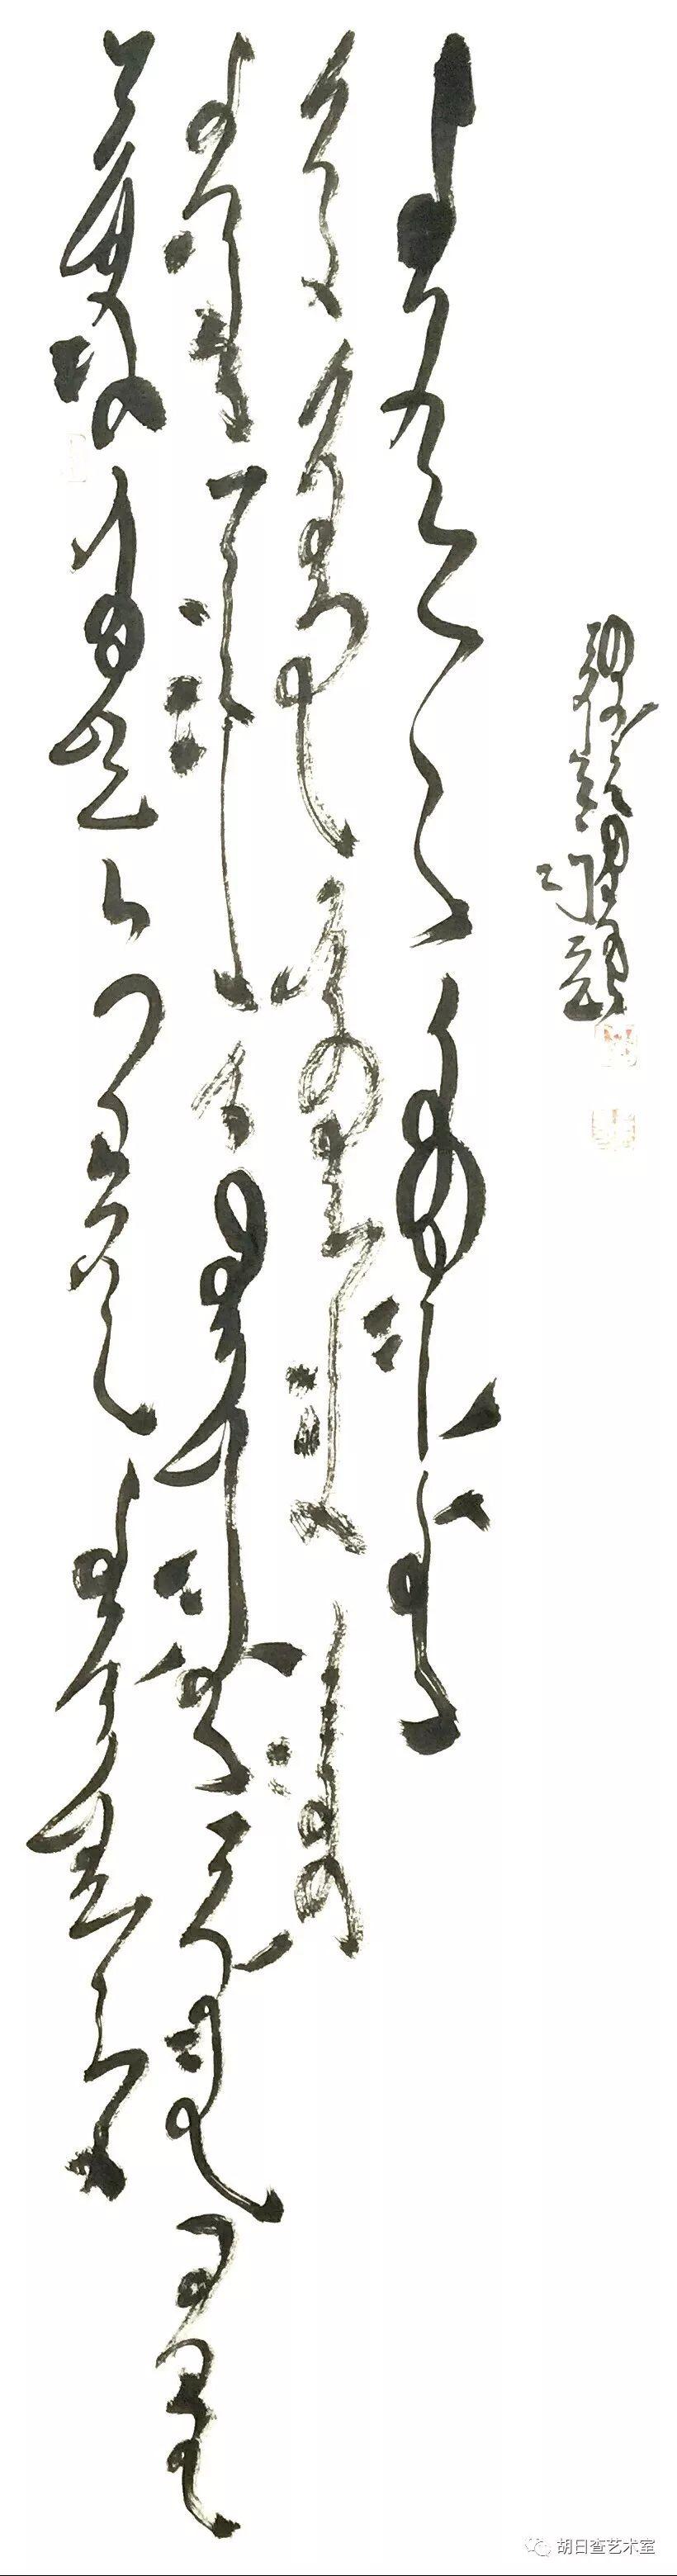 敖宝林 • 蒙古文书法作品欣赏 第9张